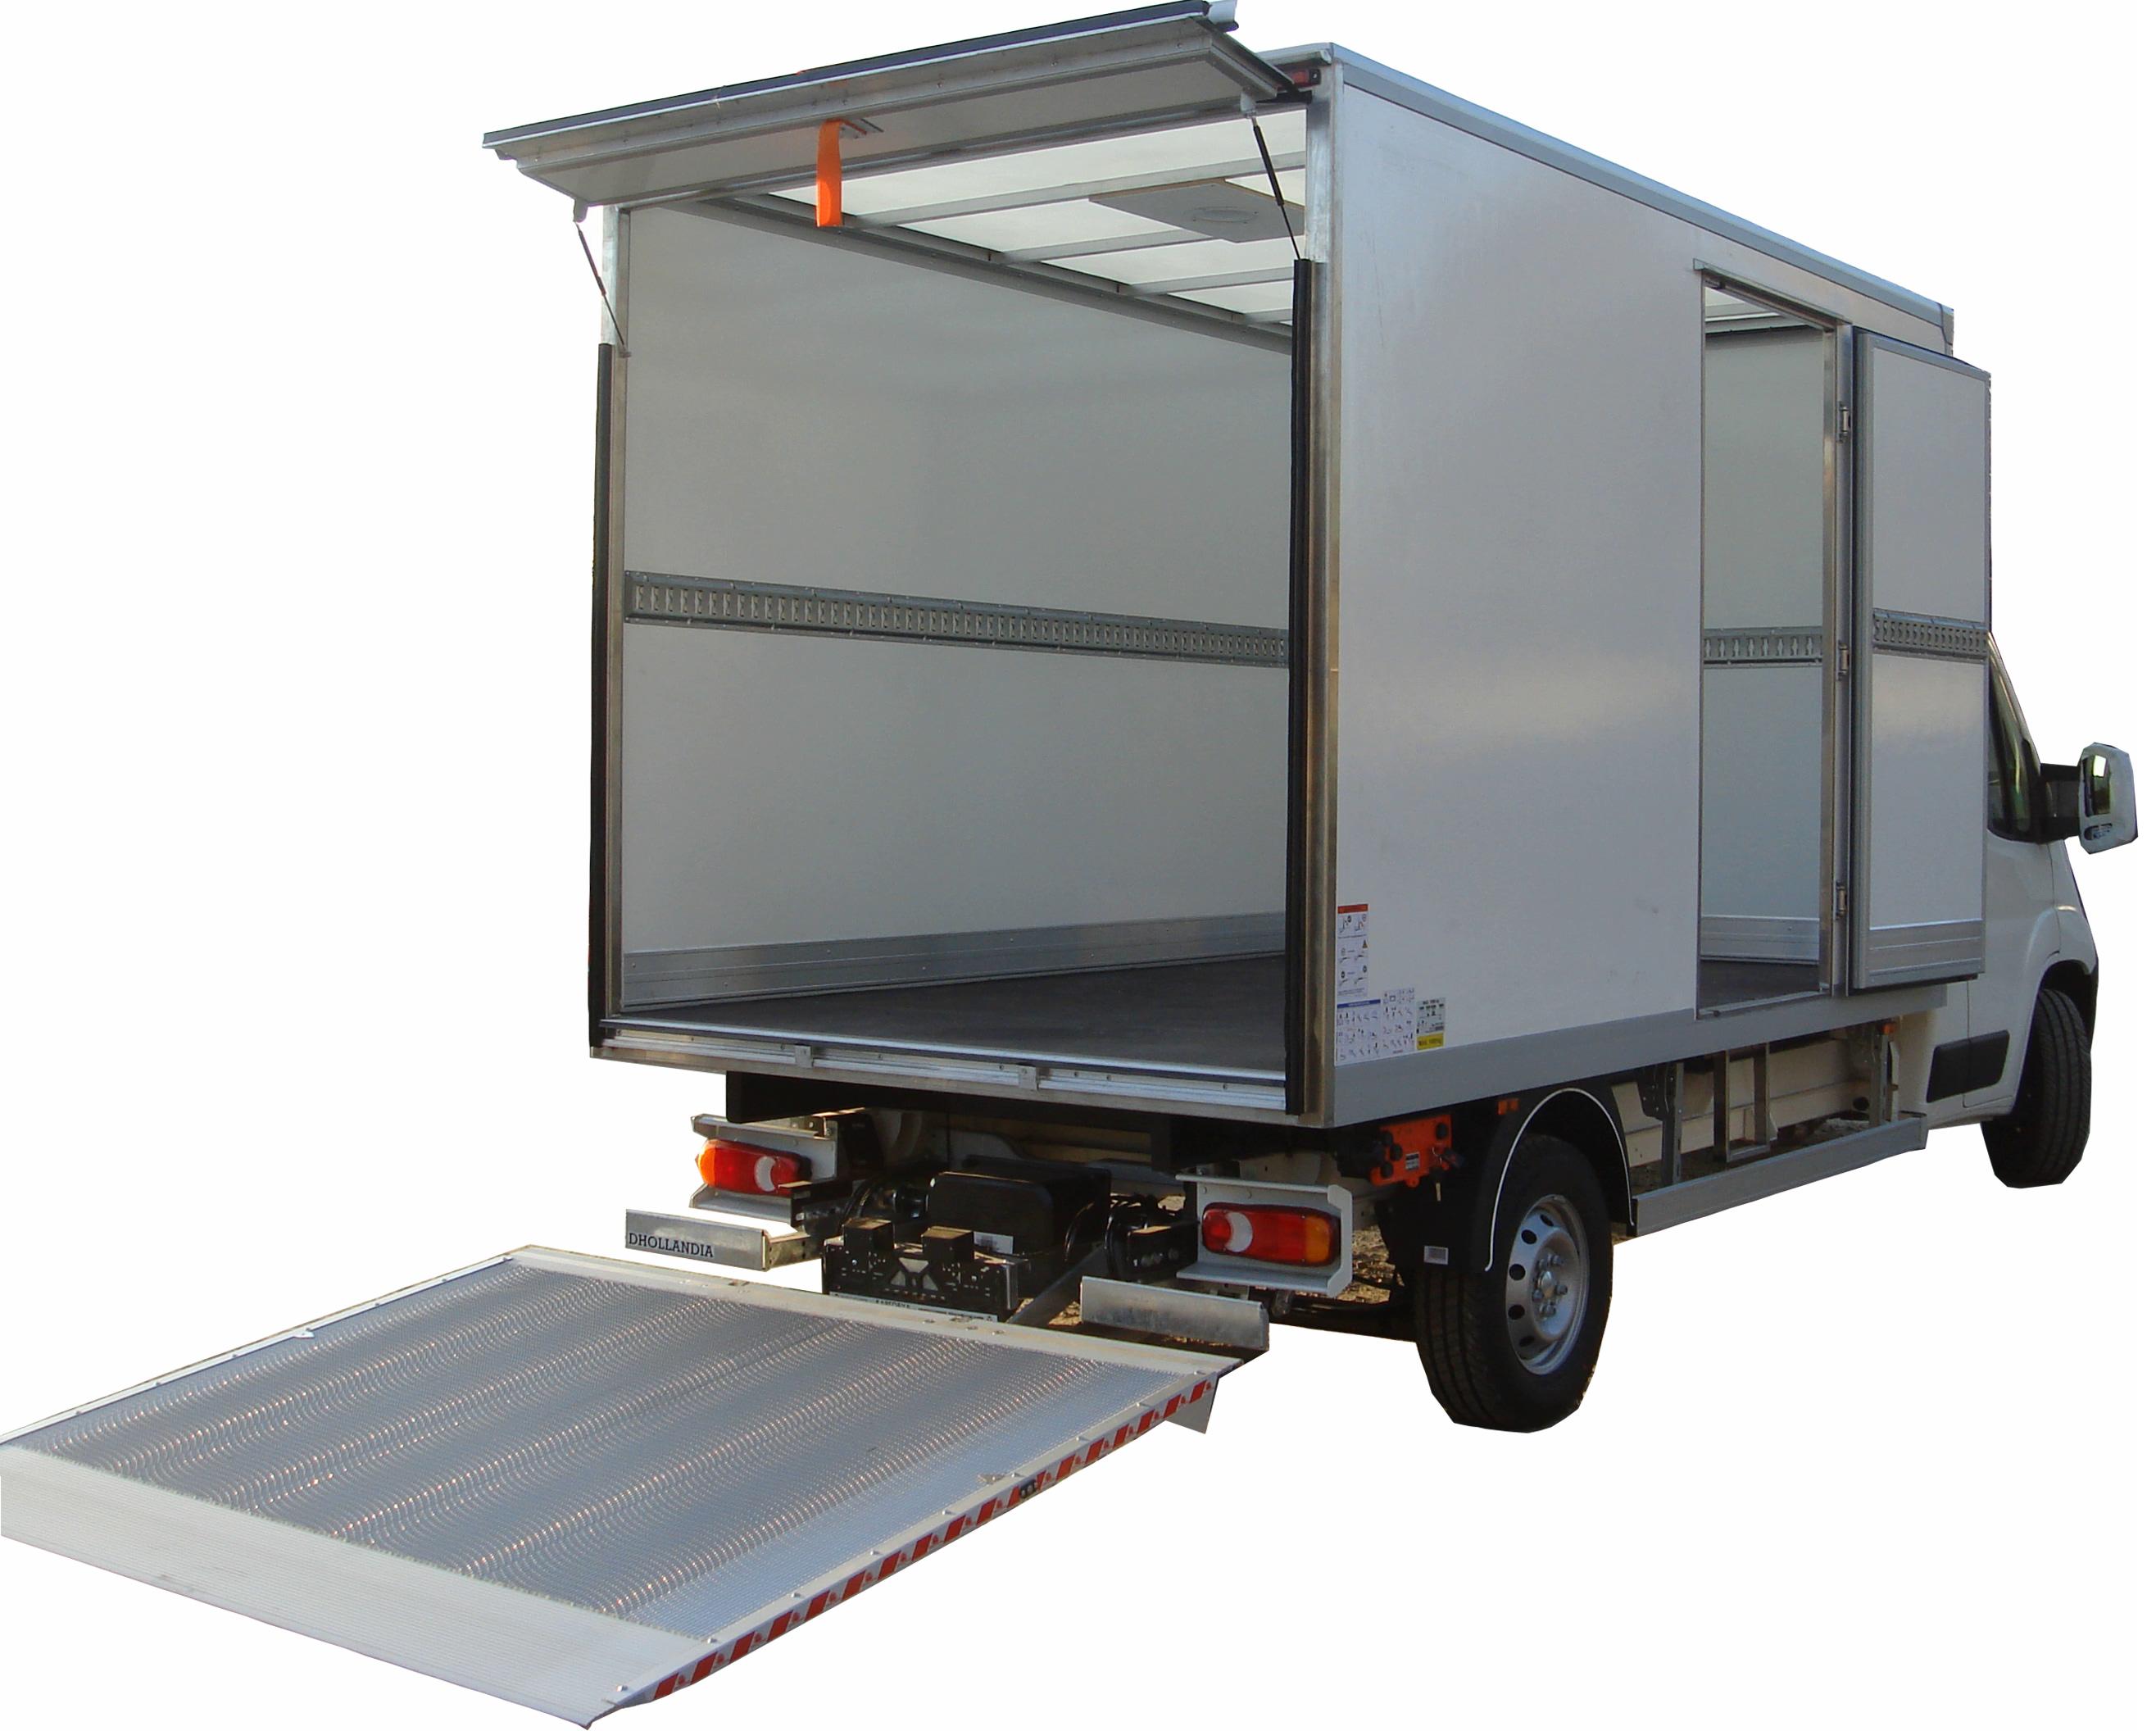 Промтоварный кузов с тонкостенными сендвич бортами 30мм и прозрачной пластиковой крышей